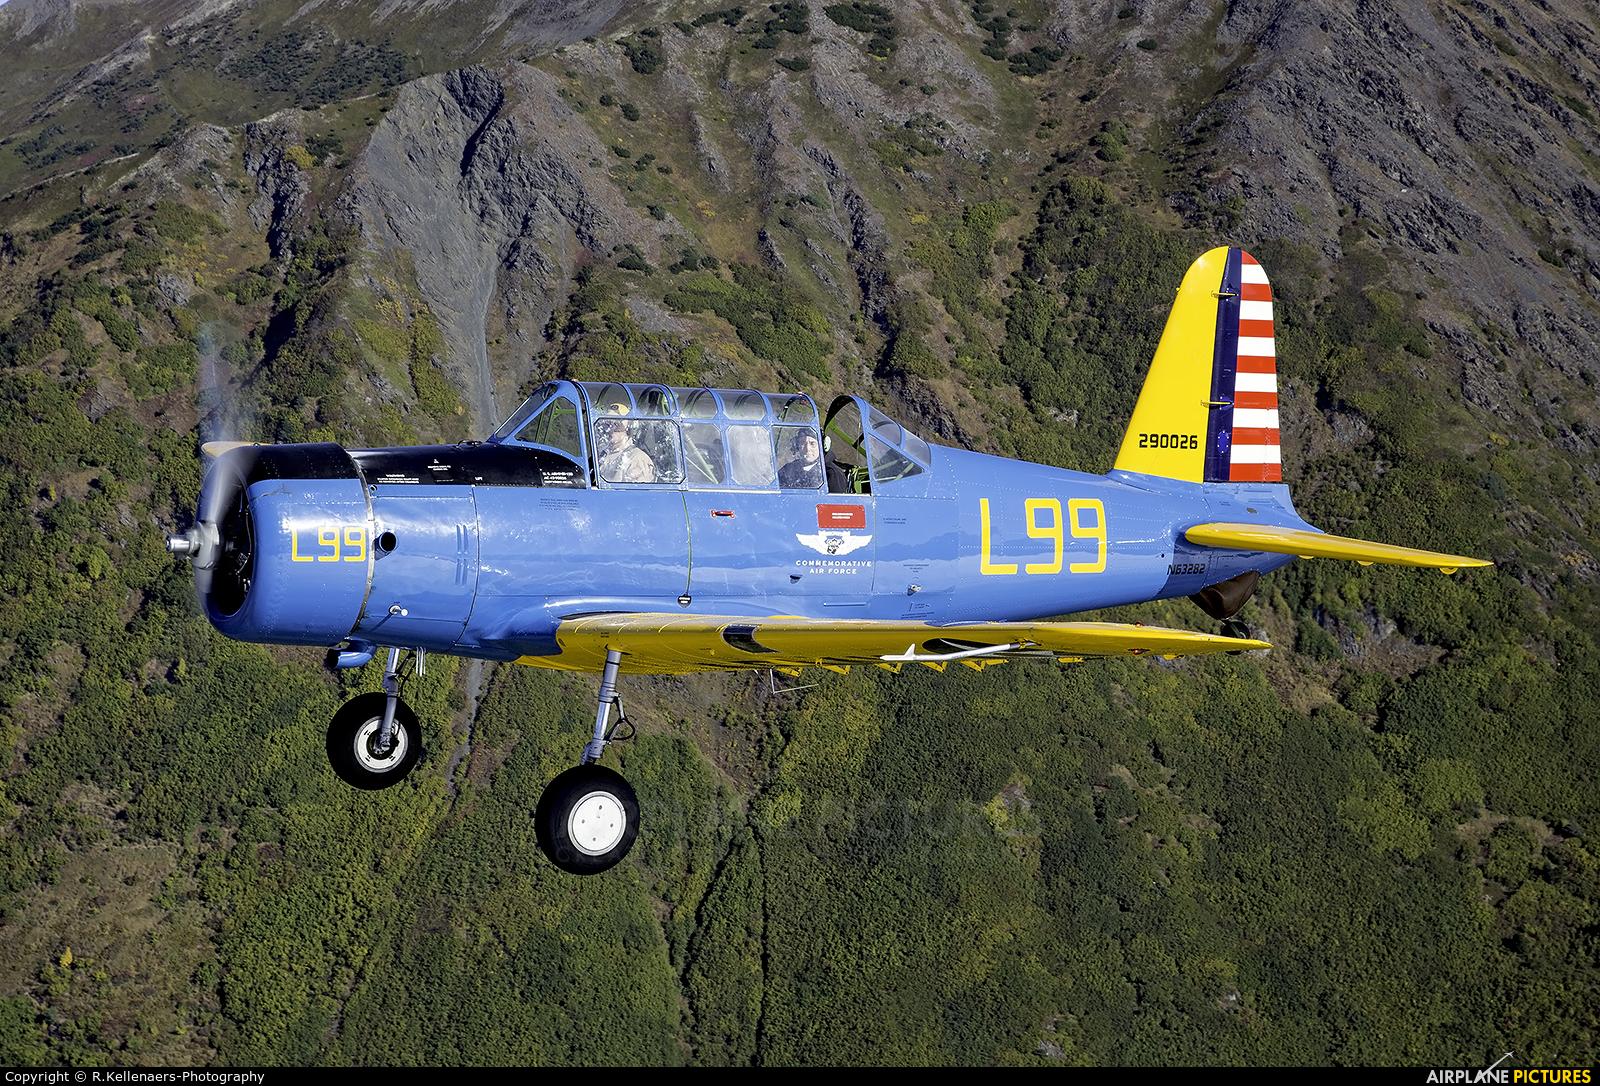 N63282 aircraft at In Flight - Alaska